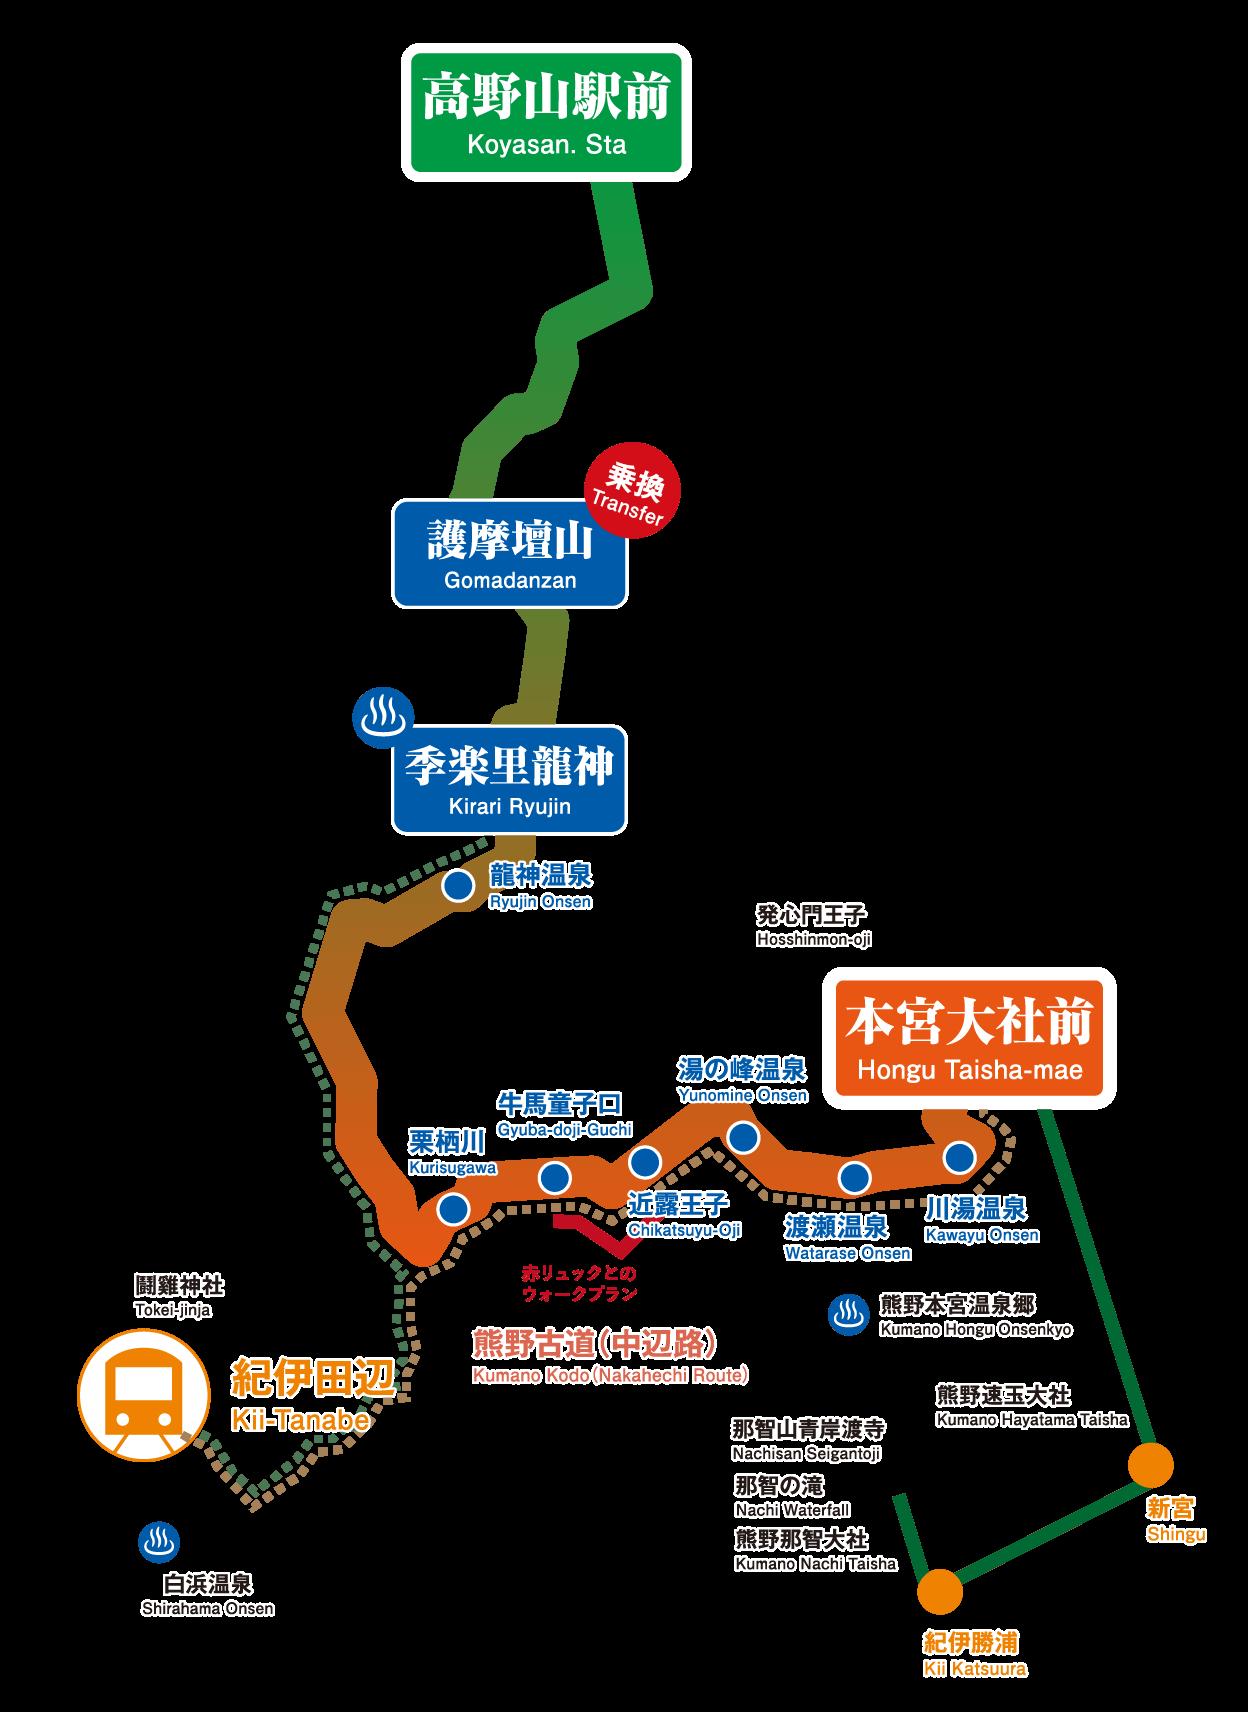 聖地巡礼バスルートマップ